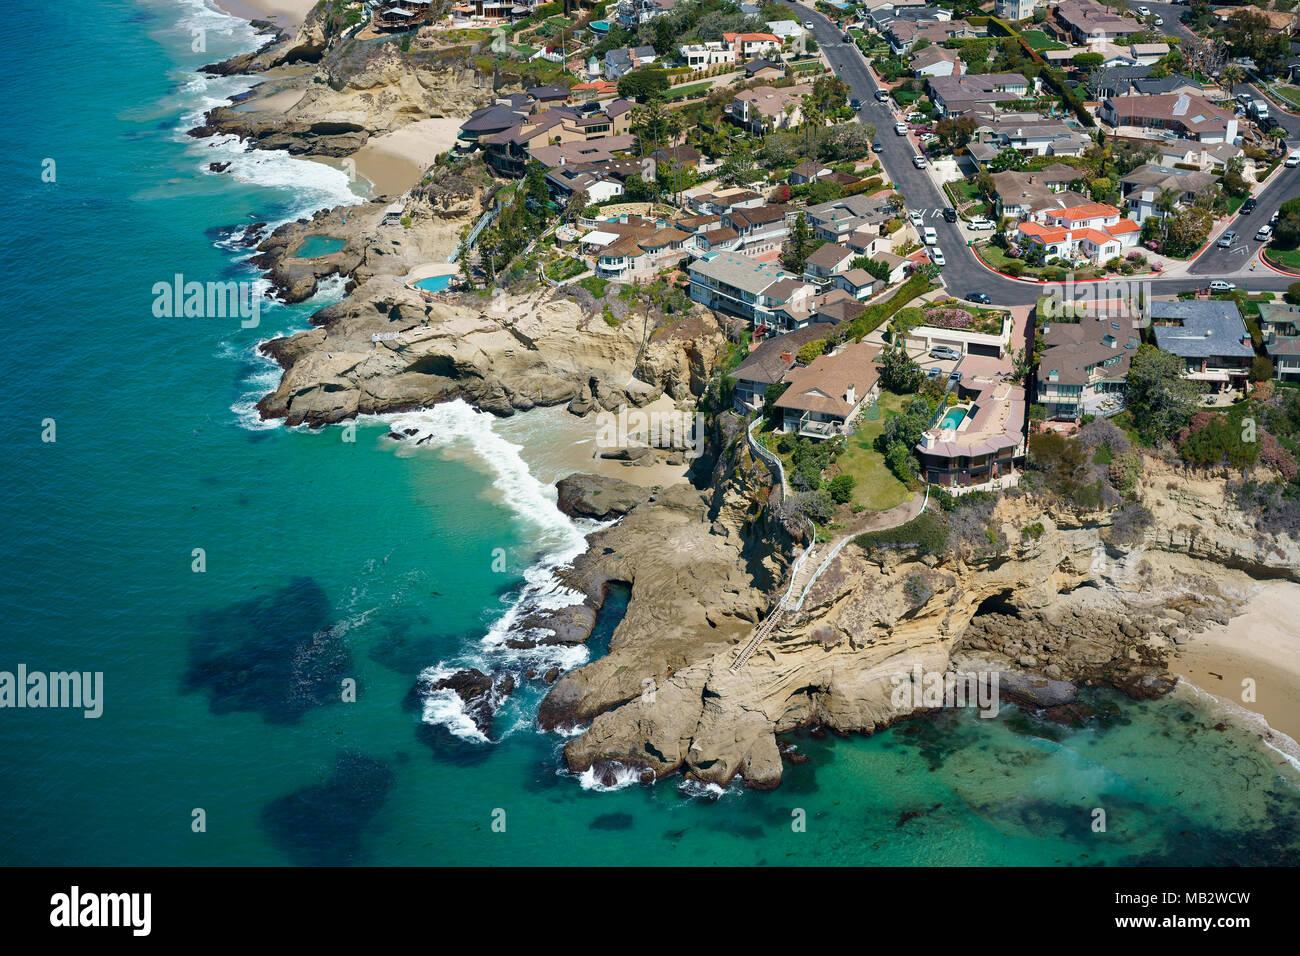 Case da sogno su un litorale frastagliato che si affacciano sull'Oceano Pacifico (vista aerea). Tre Archi, Laguna Beach, Orange County, California, Stati Uniti d'America. Immagini Stock